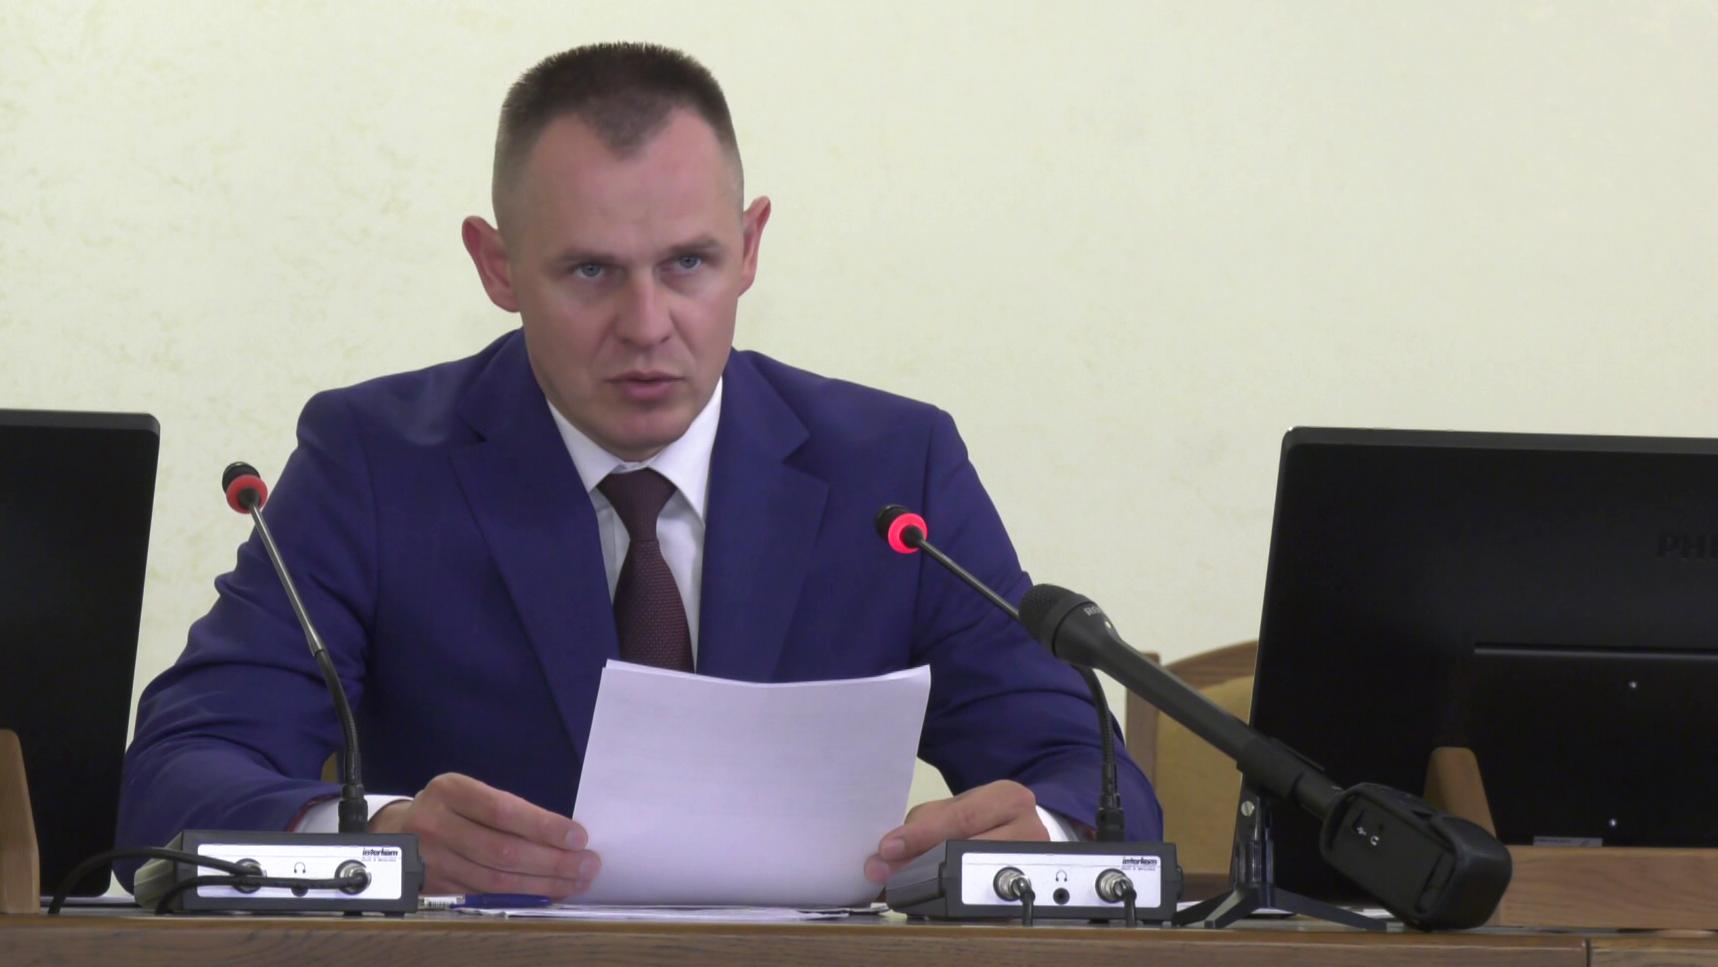 soveshhanie - Совещание по актуальным вопросам в облисполкоме (видео)